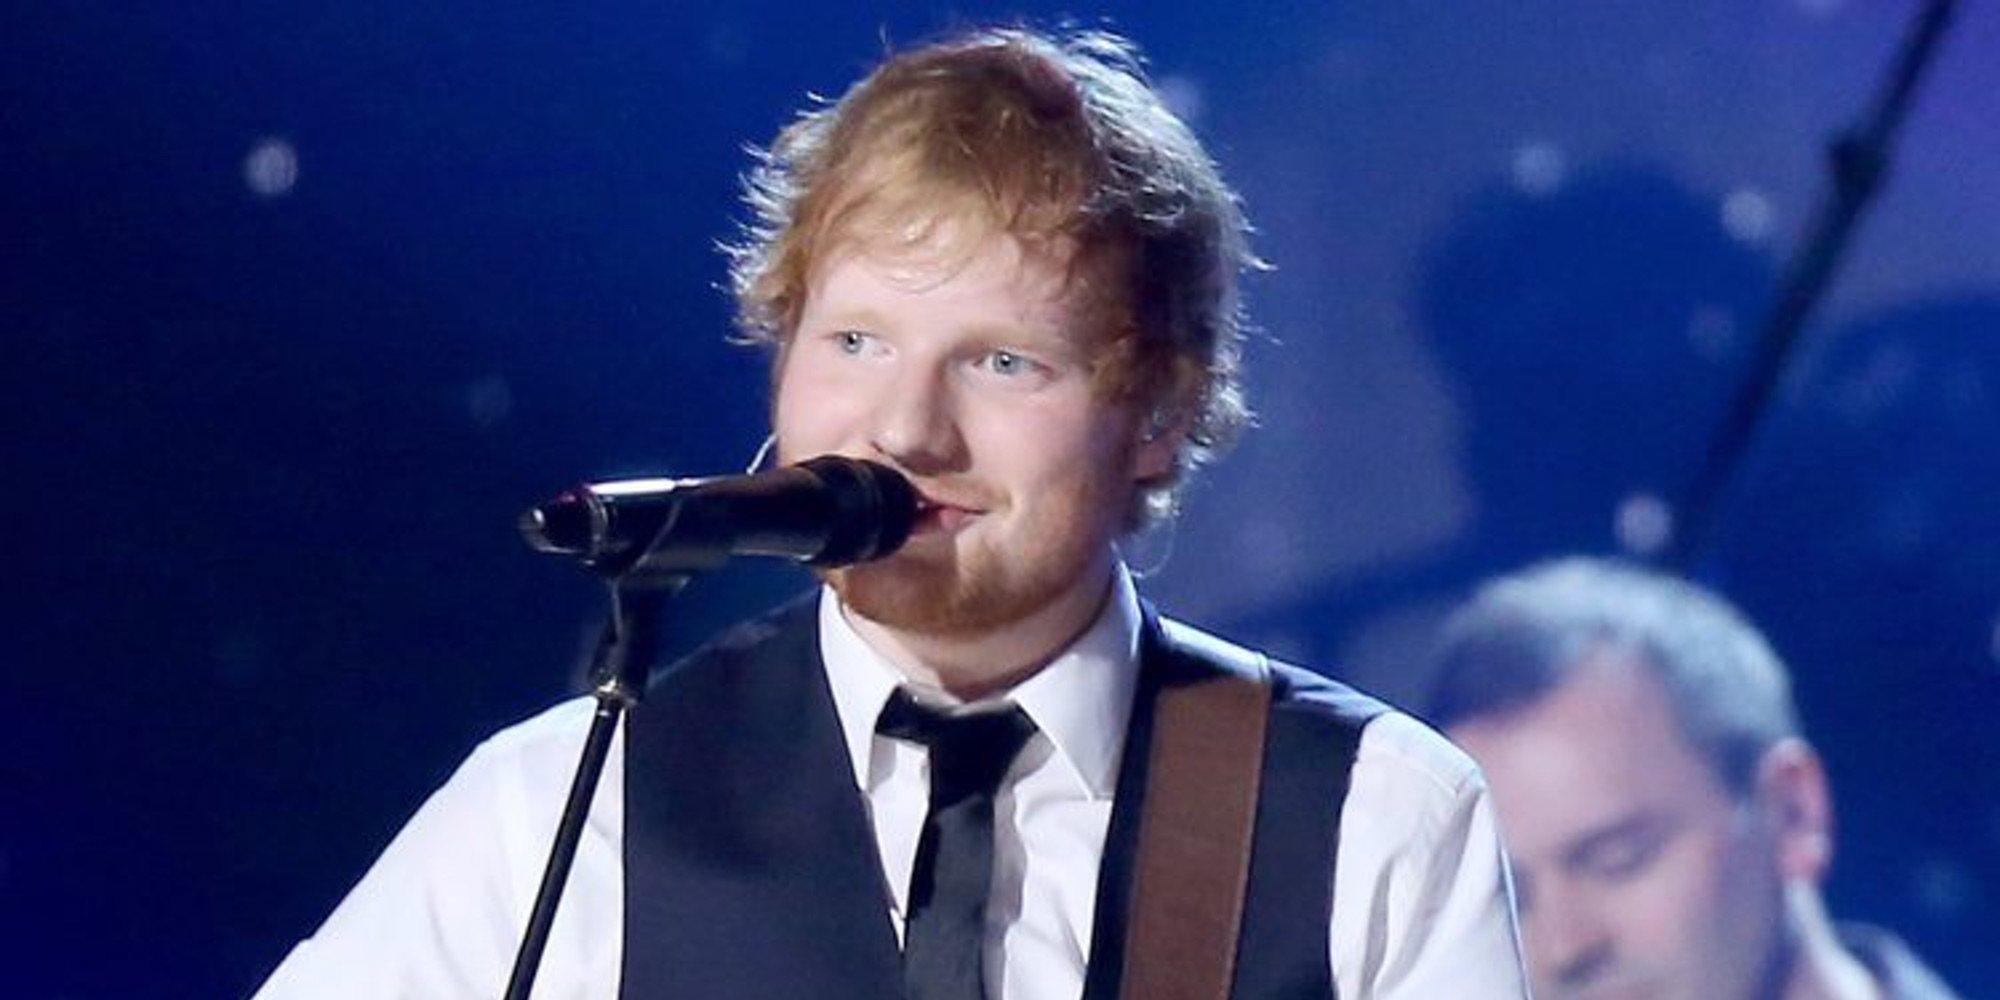 Ed Sheeran lanzará su nuevo disco con la colaboración de Cardi B, Justin Bieber, Camila Cabello y Eminem